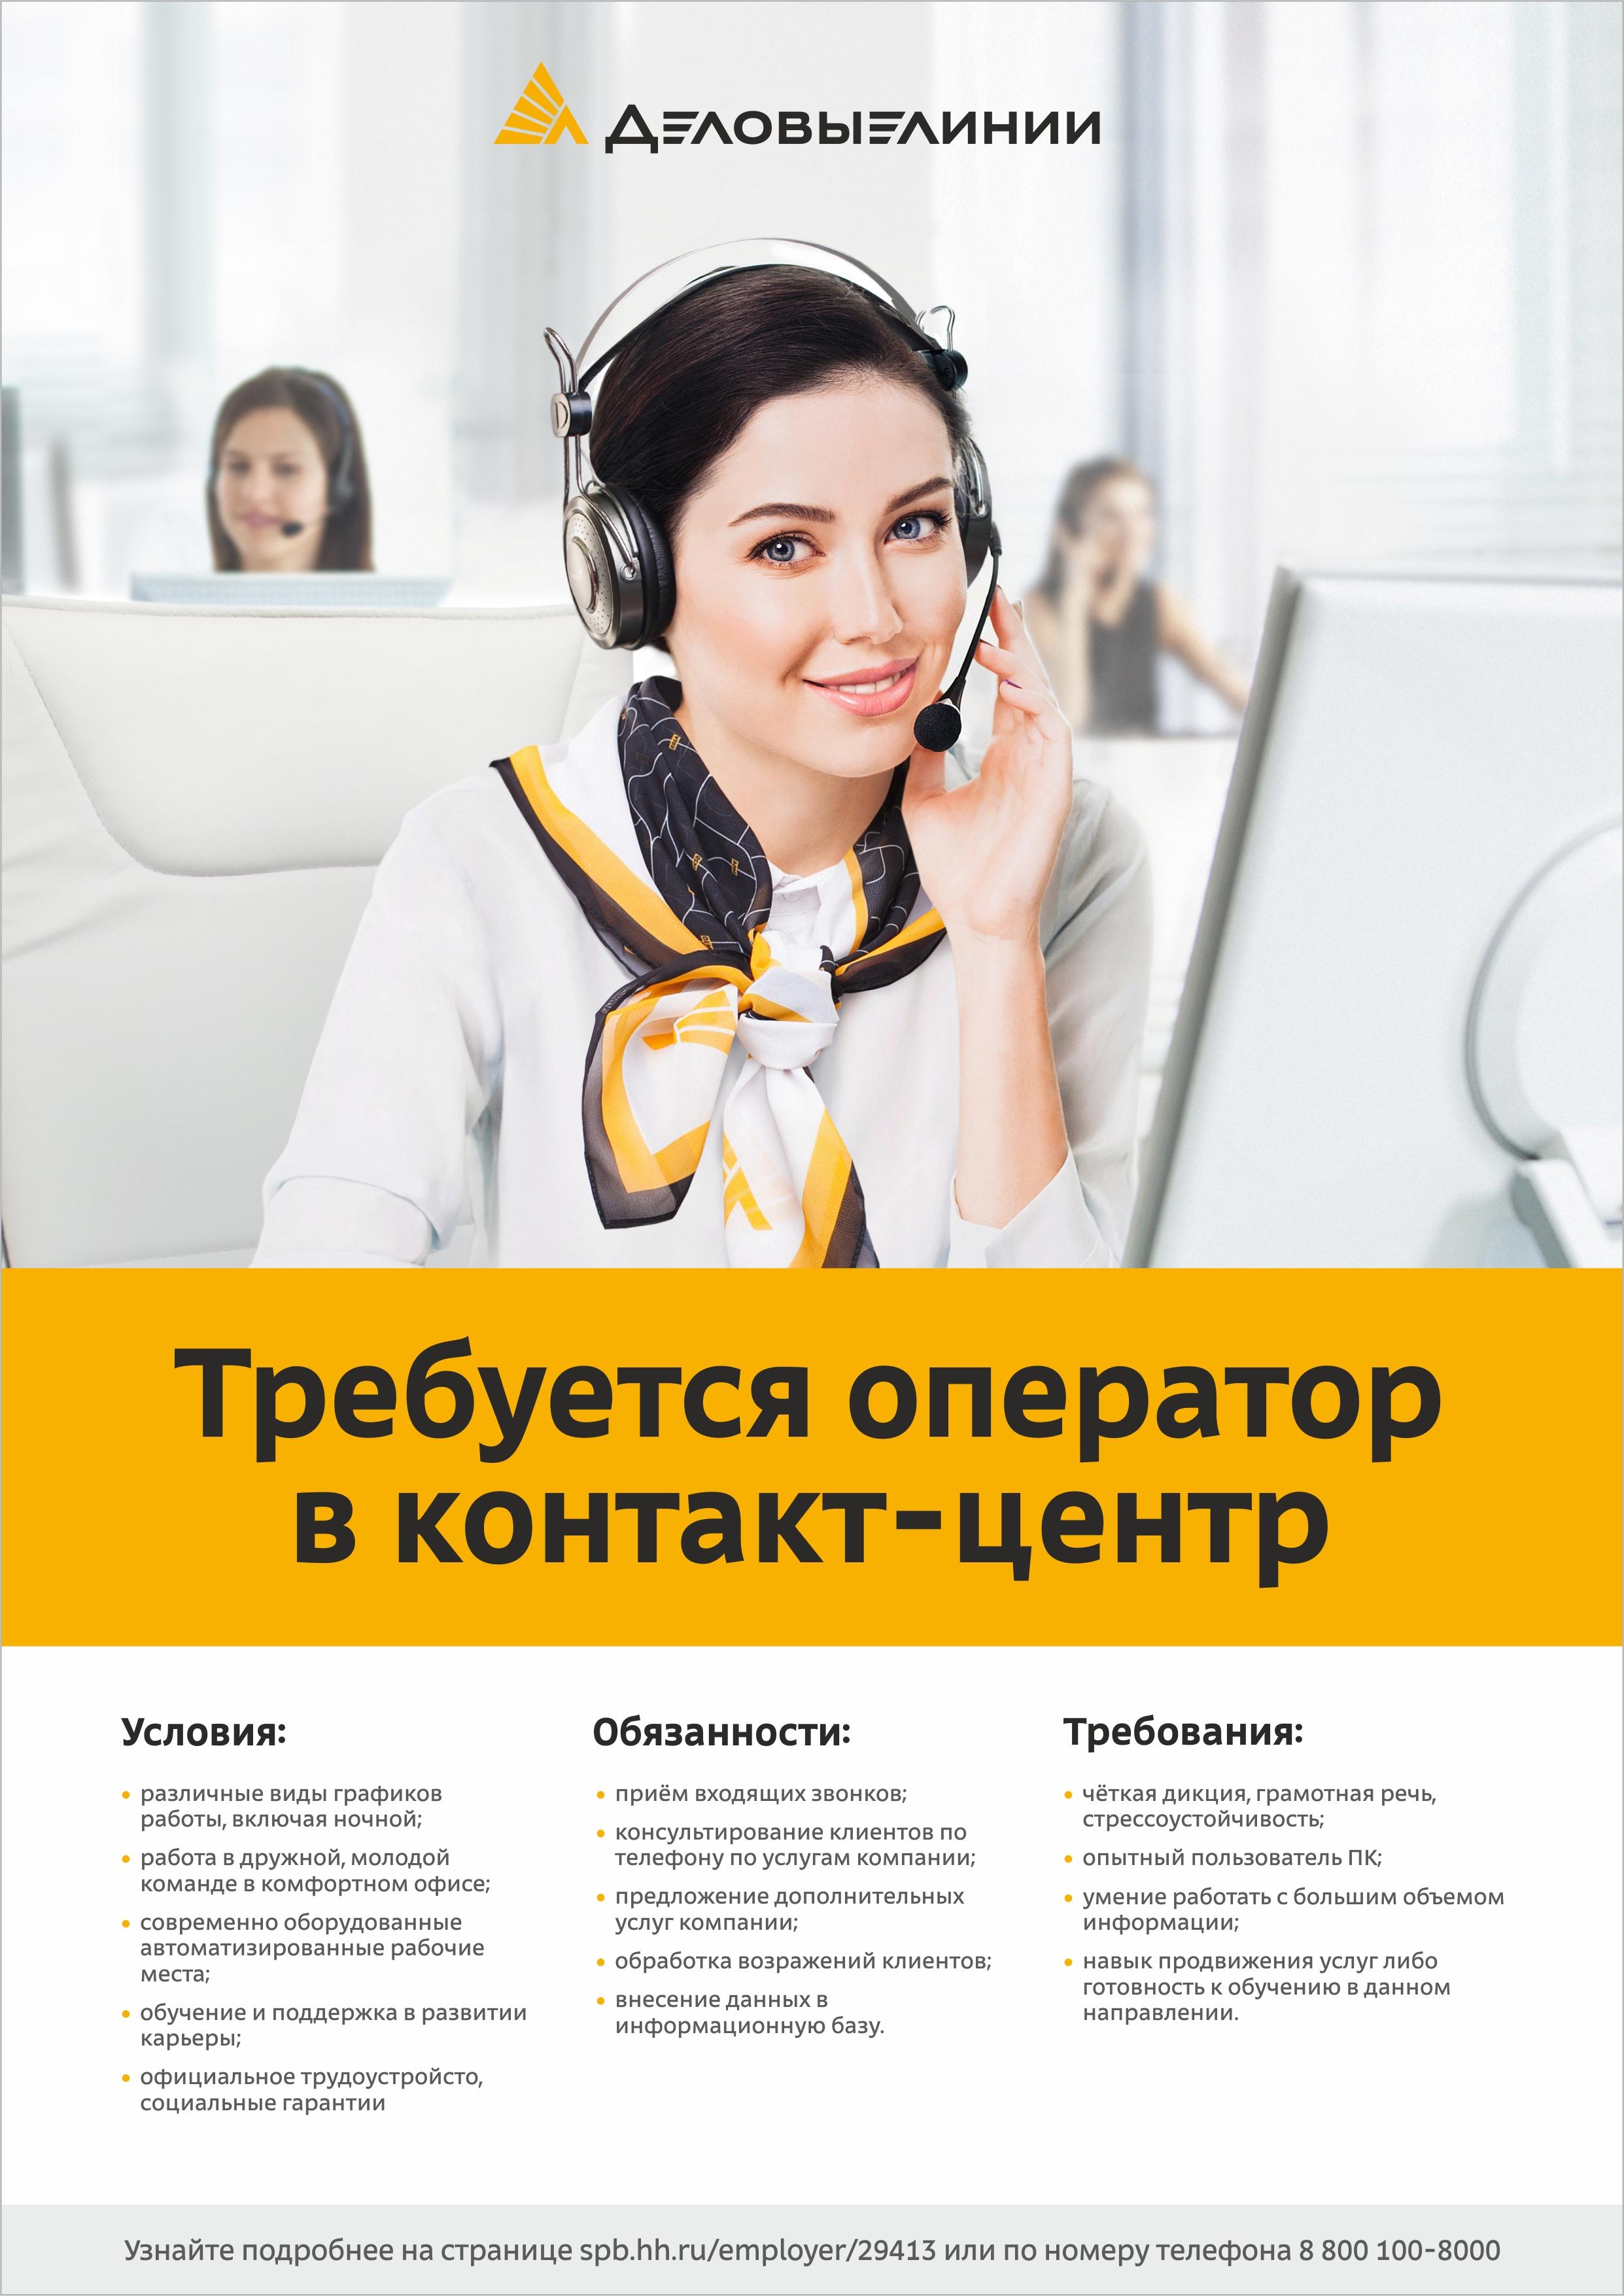 Листовка Деловые Линии «Требуется оператор в контакт-центр»